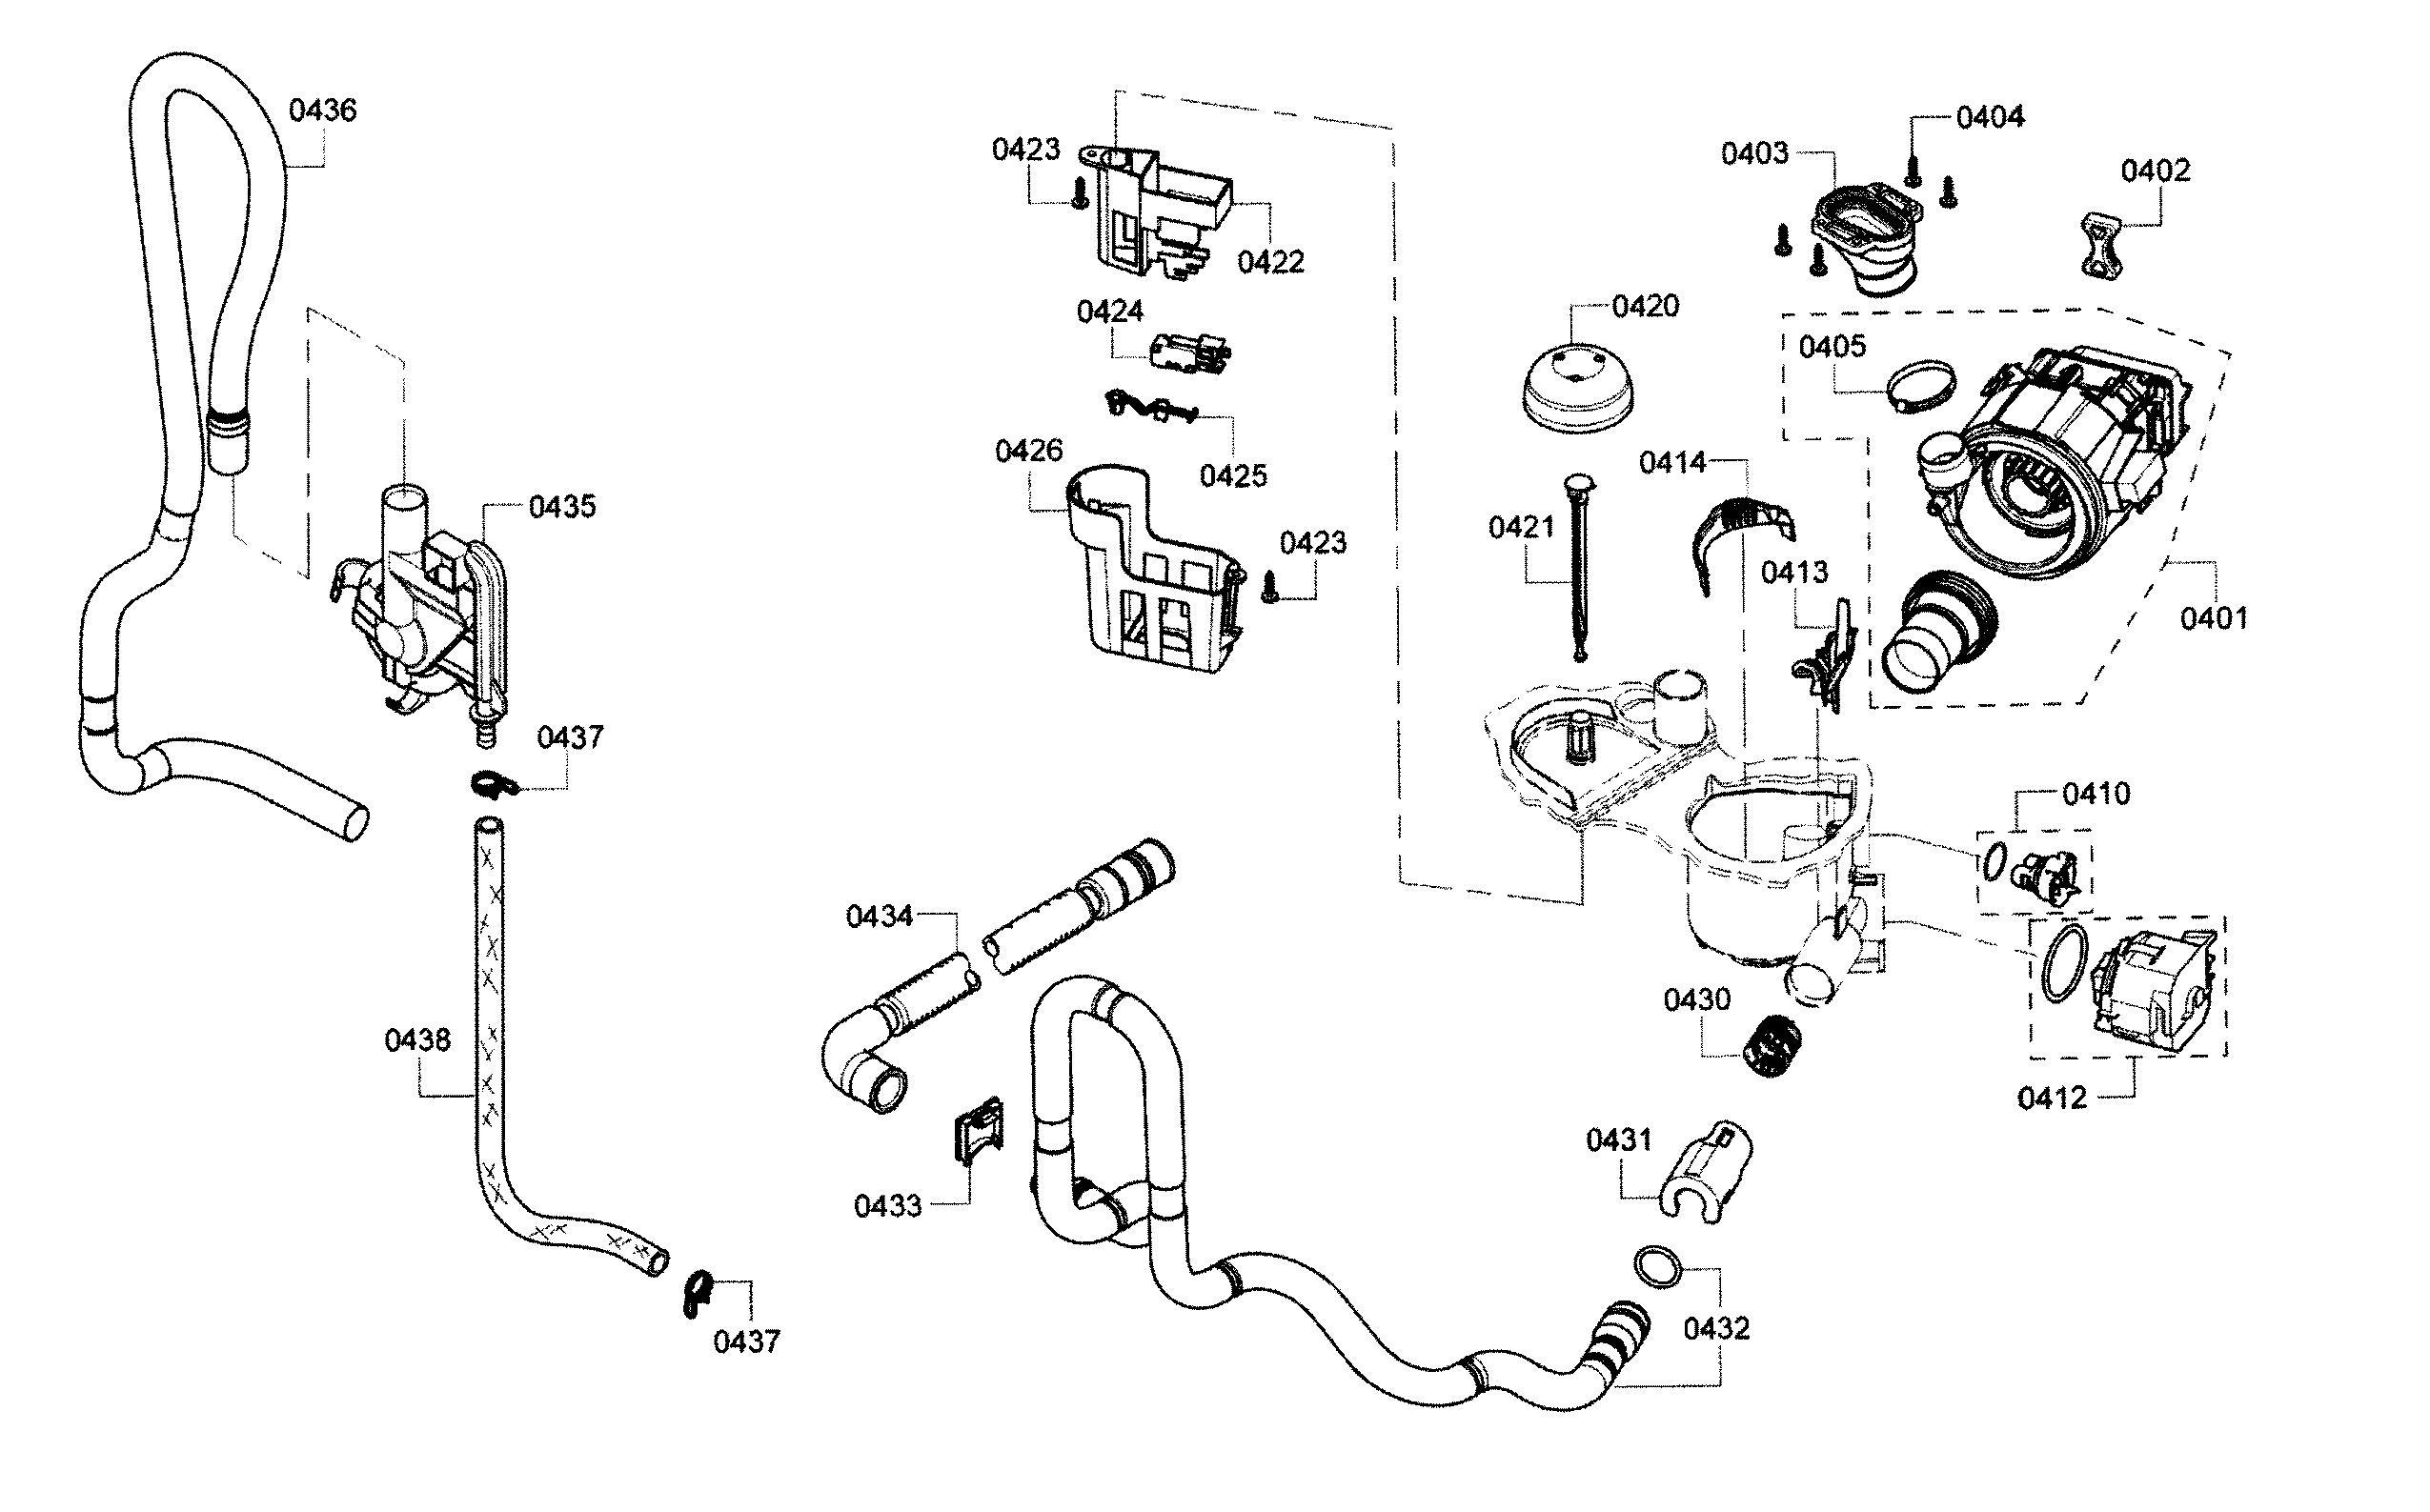 bosch shx3ar75uc  21 internal drain hose  from sump pump